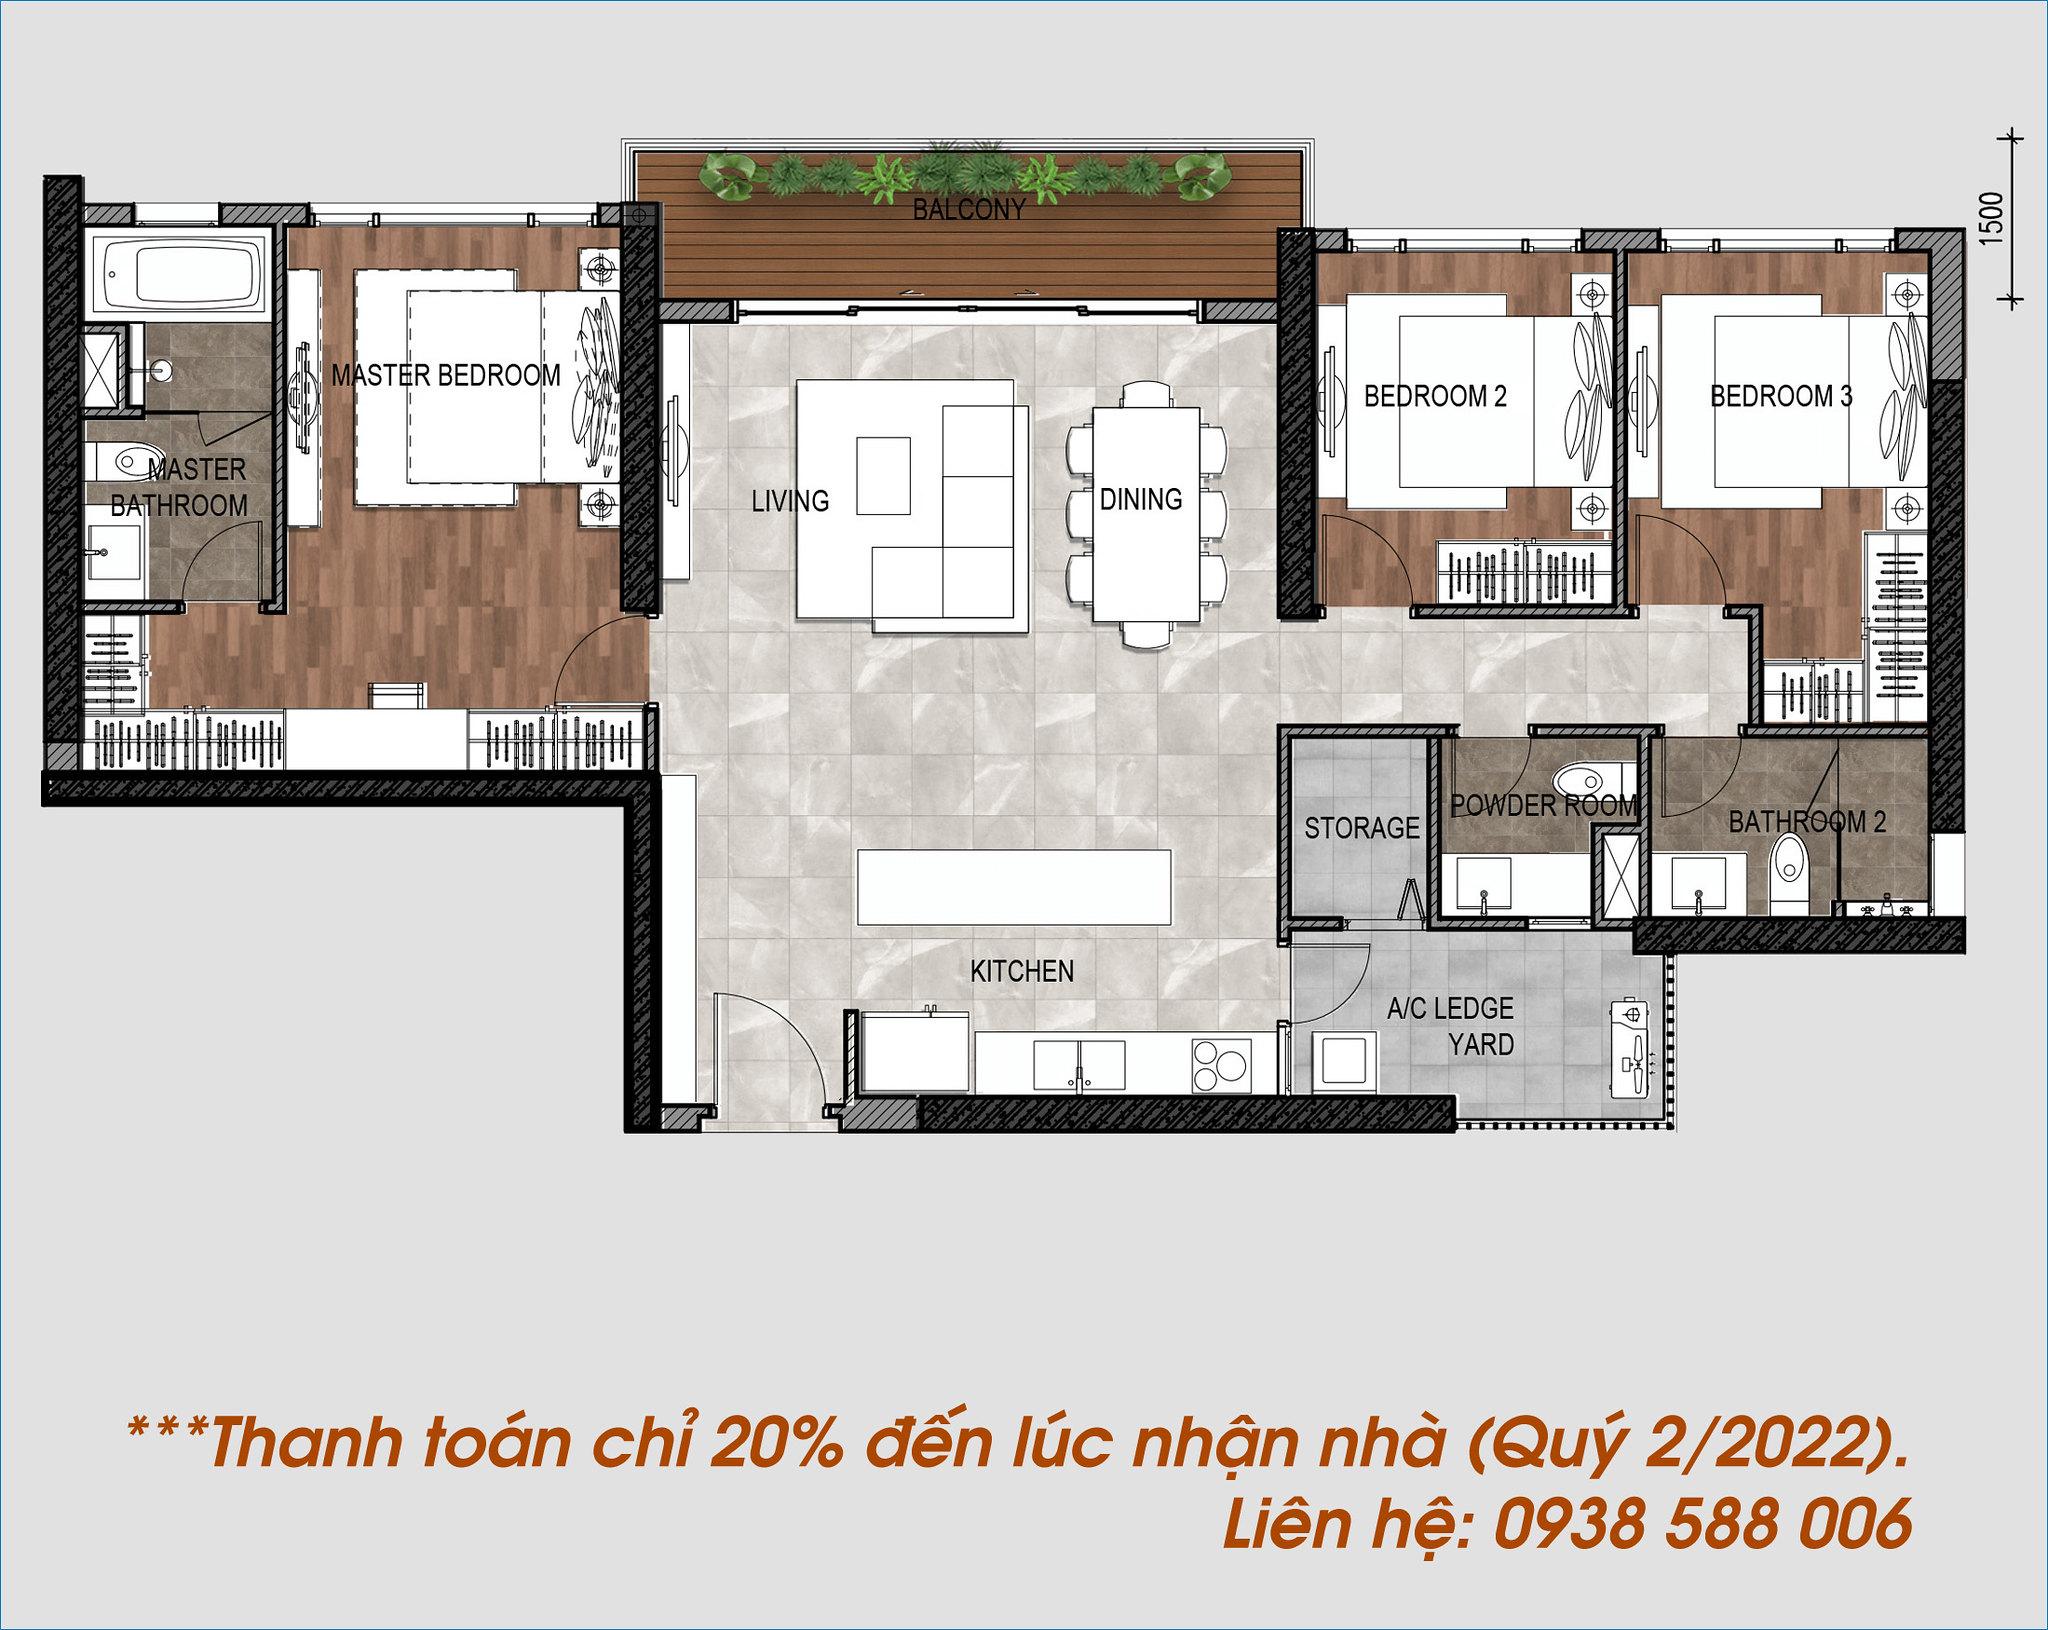 Căn hộ có thiết kế hiện đại, tiết kiệ năng lượng, phòng khách và balcony rộng, view sông Sài Gòn.